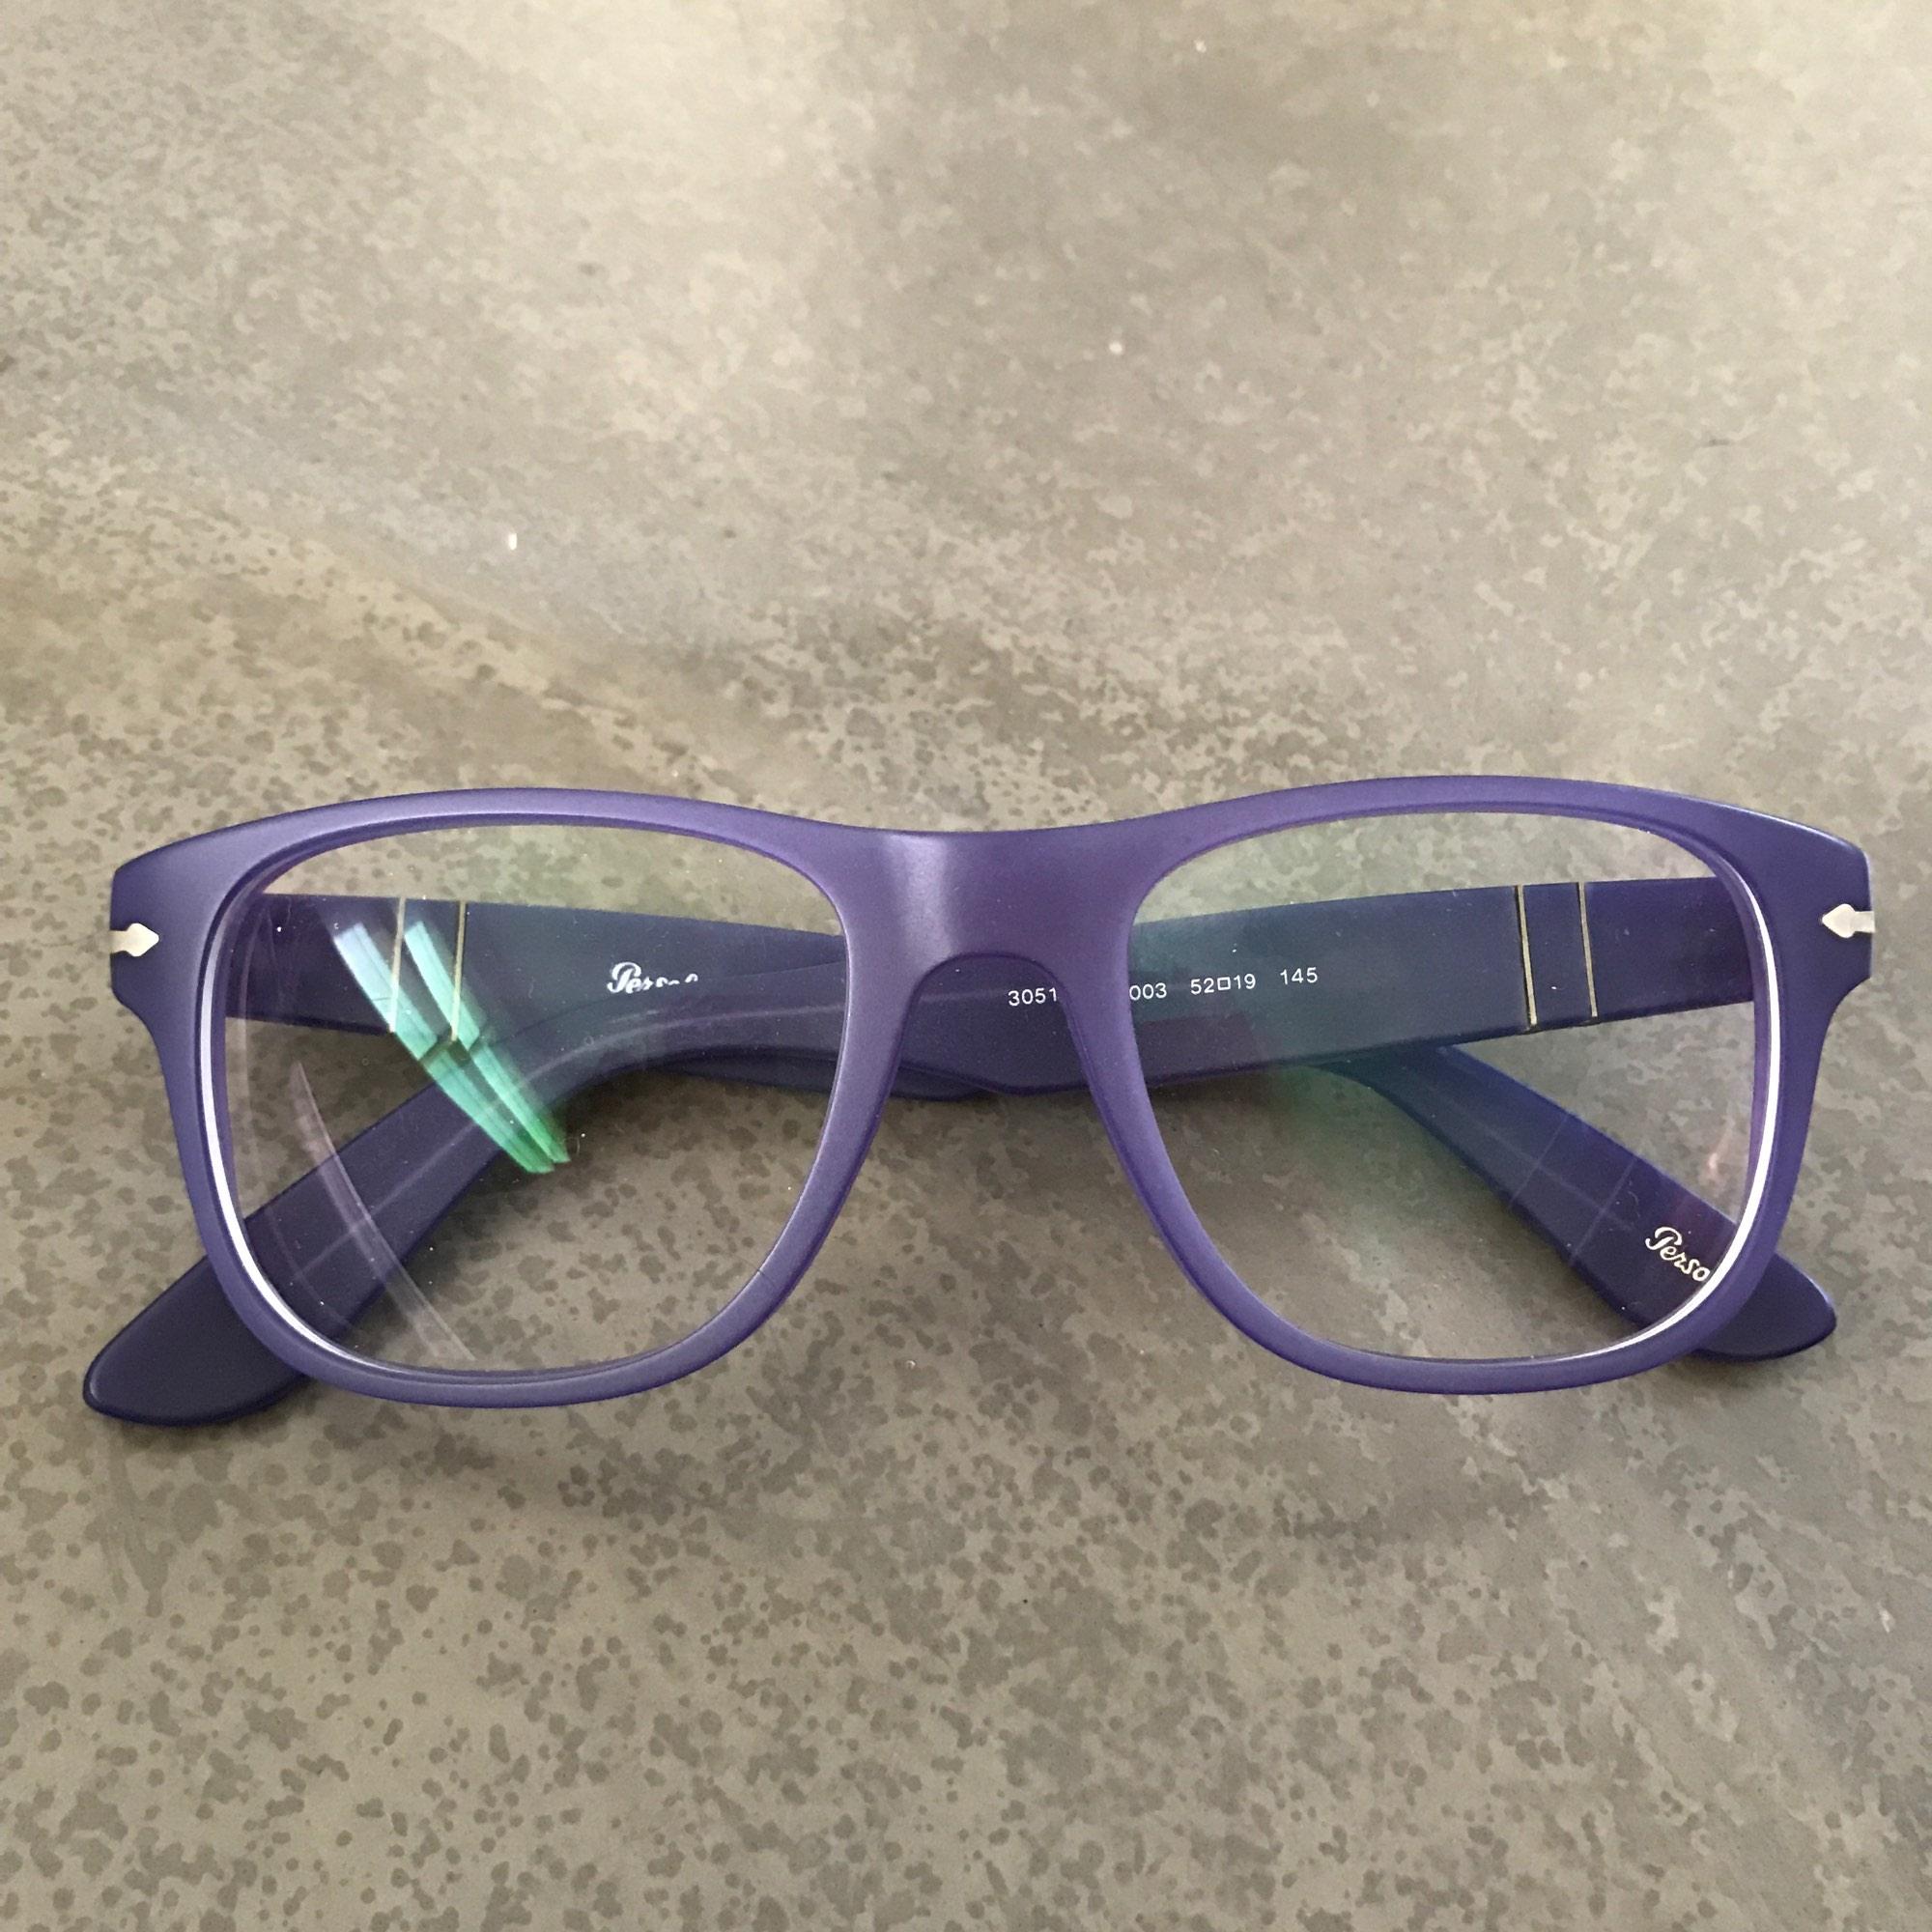 94a1865bee5b2a Monture de lunettes PERSOL Violet, mauve, lavande